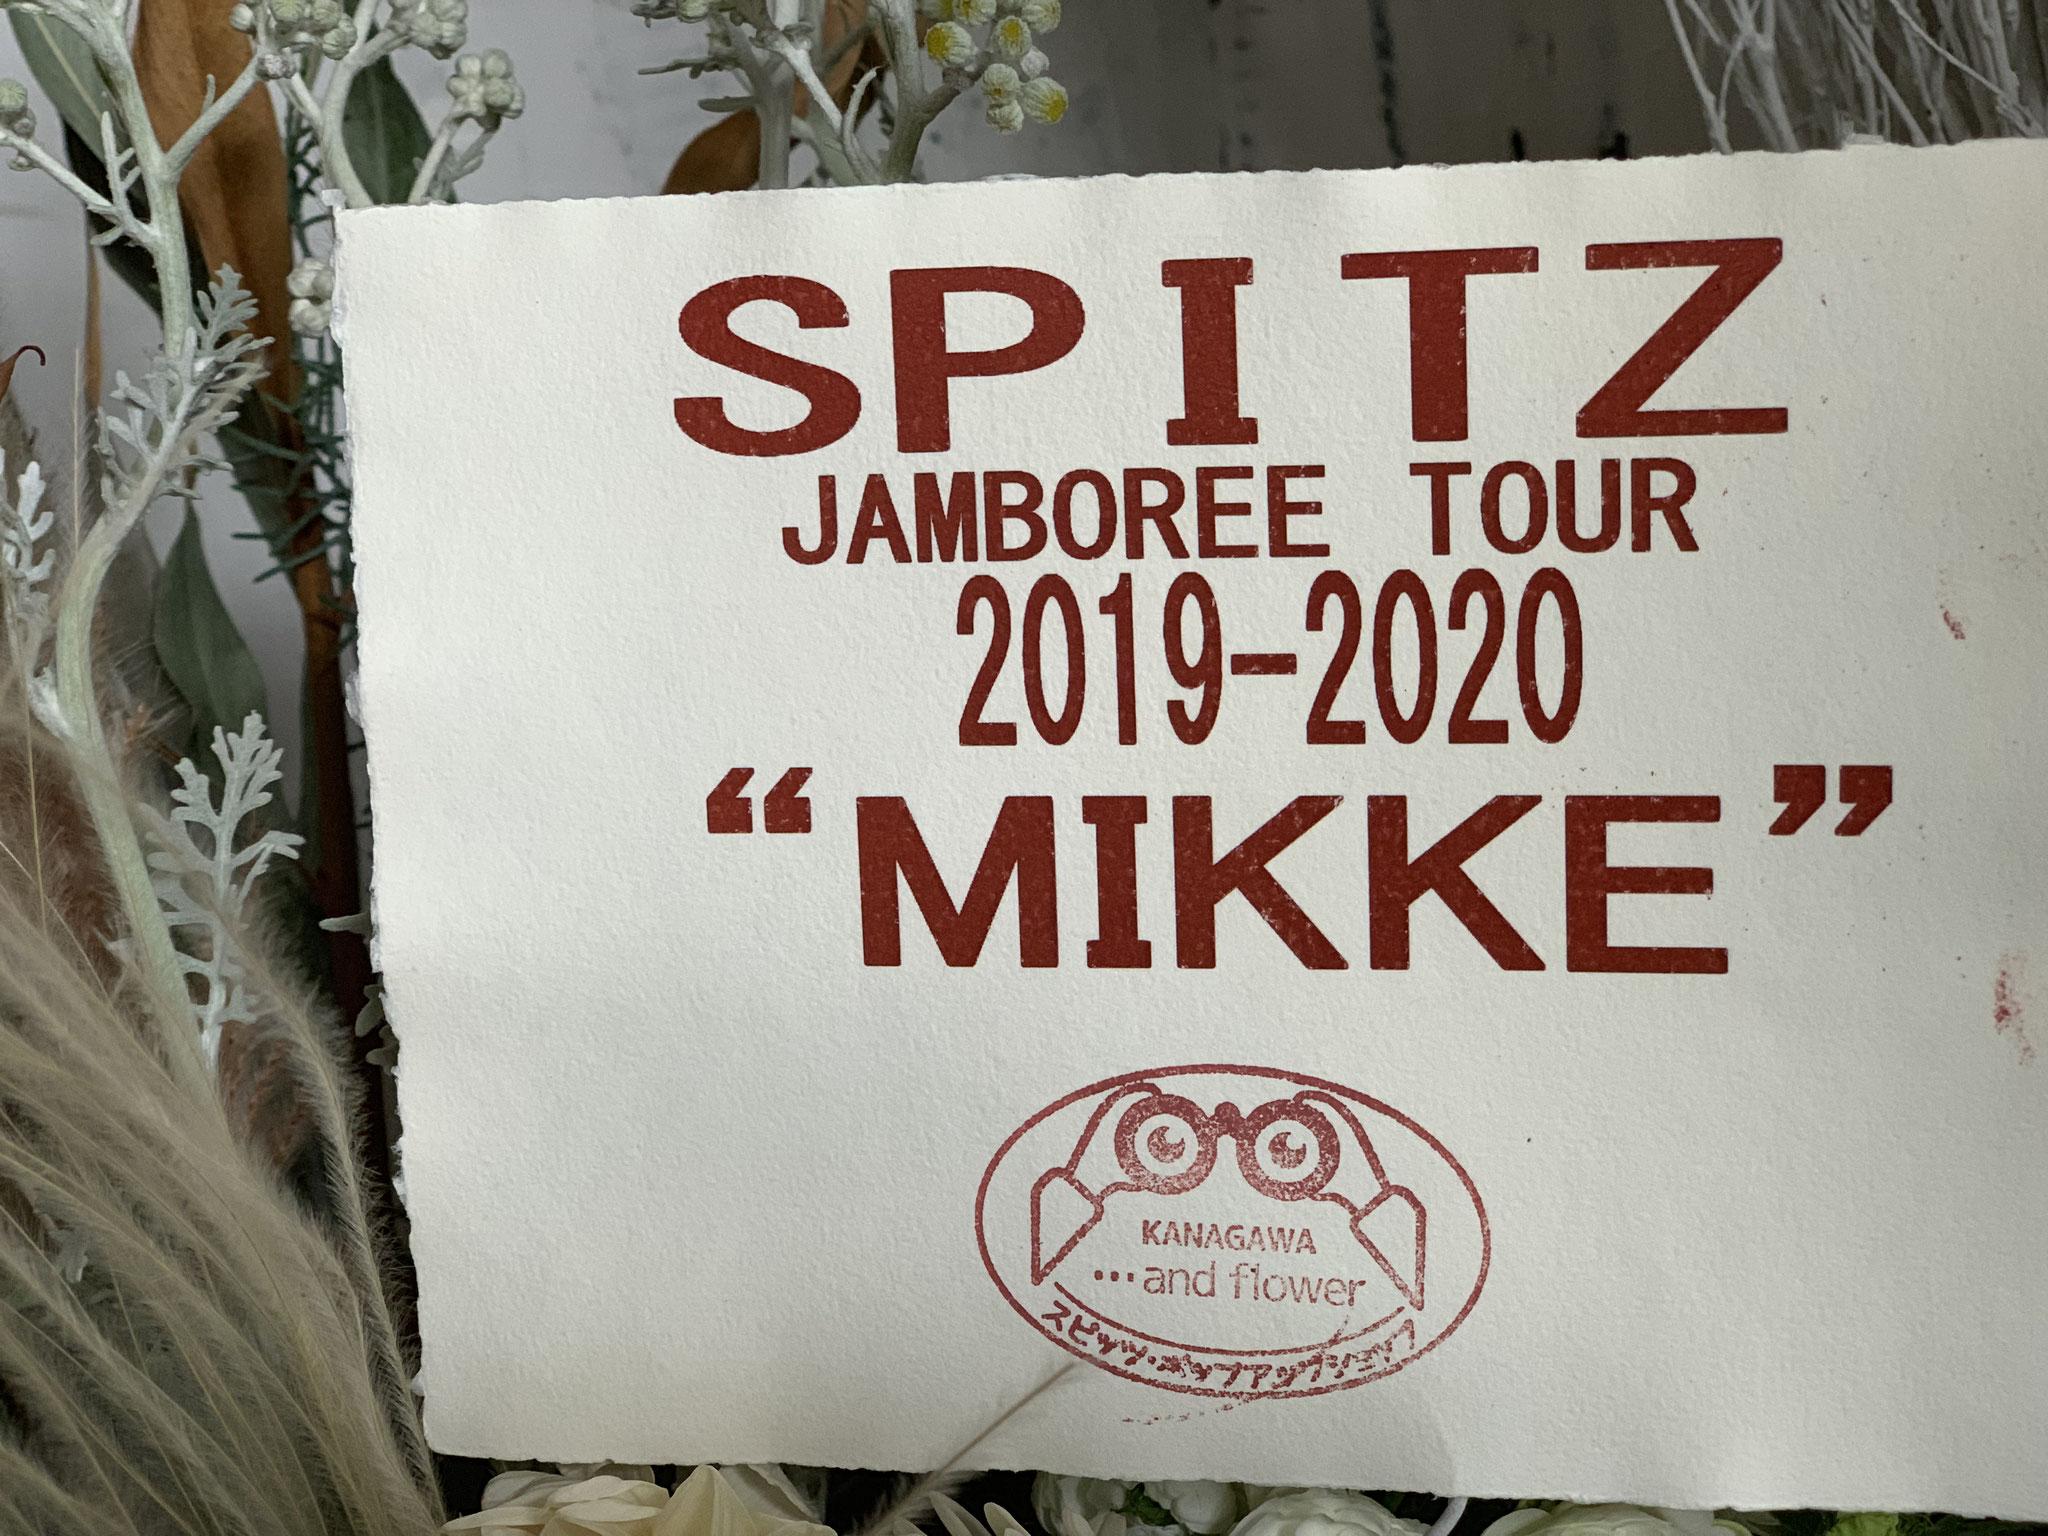 11月30日(土)静岡エコパアリーナ MIKKEツアー開催おめでとうございます!